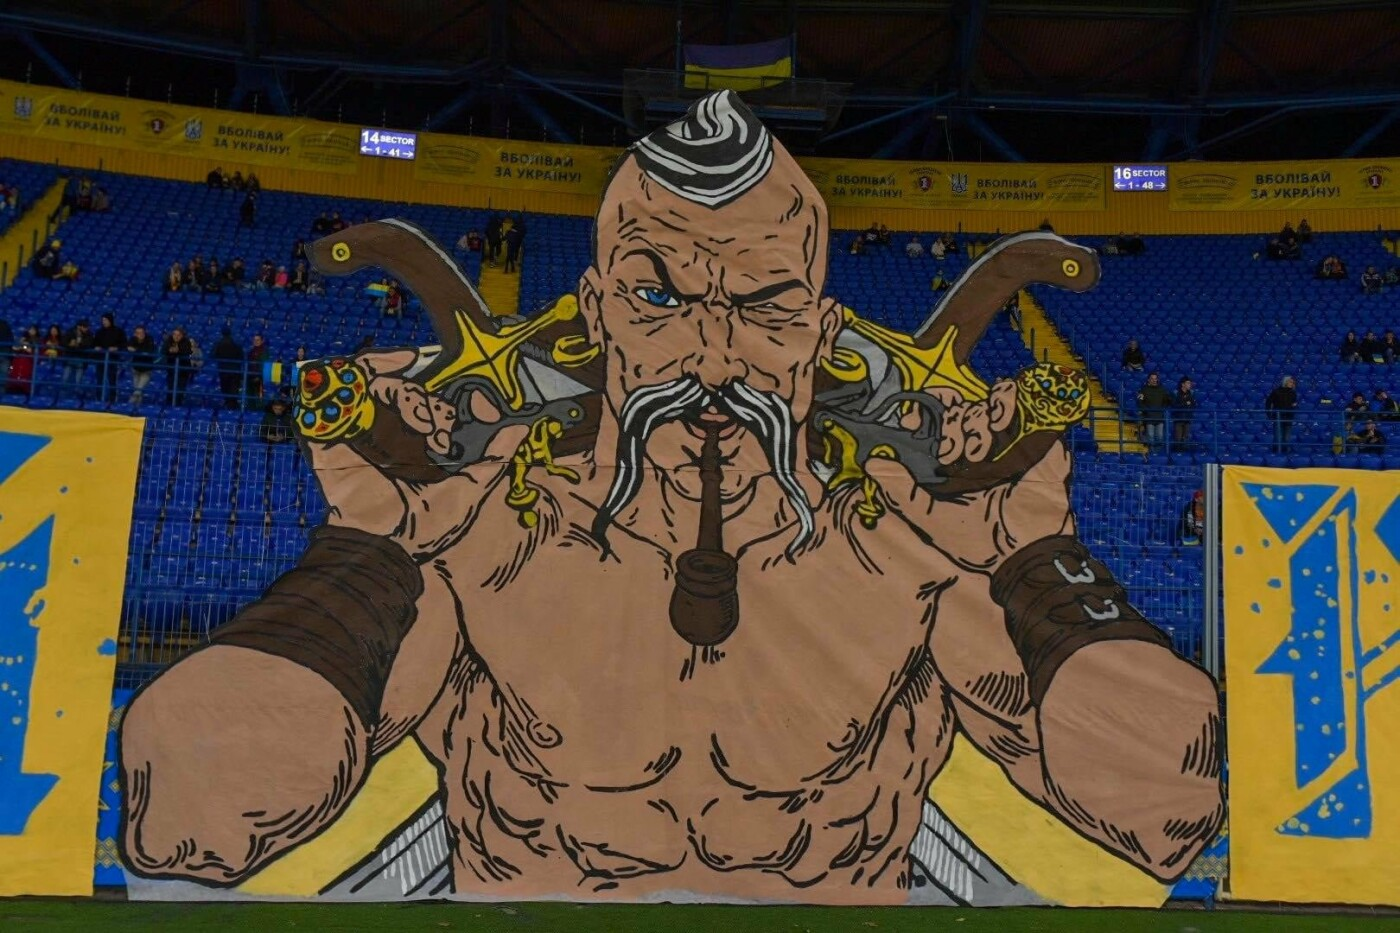 Улюбленець багатьох тернополян, співак «Дзідзьо», вразив виконанням гімну перед матчем збірної України з футболу (ФОТО+ВІДЕО) , фото-3